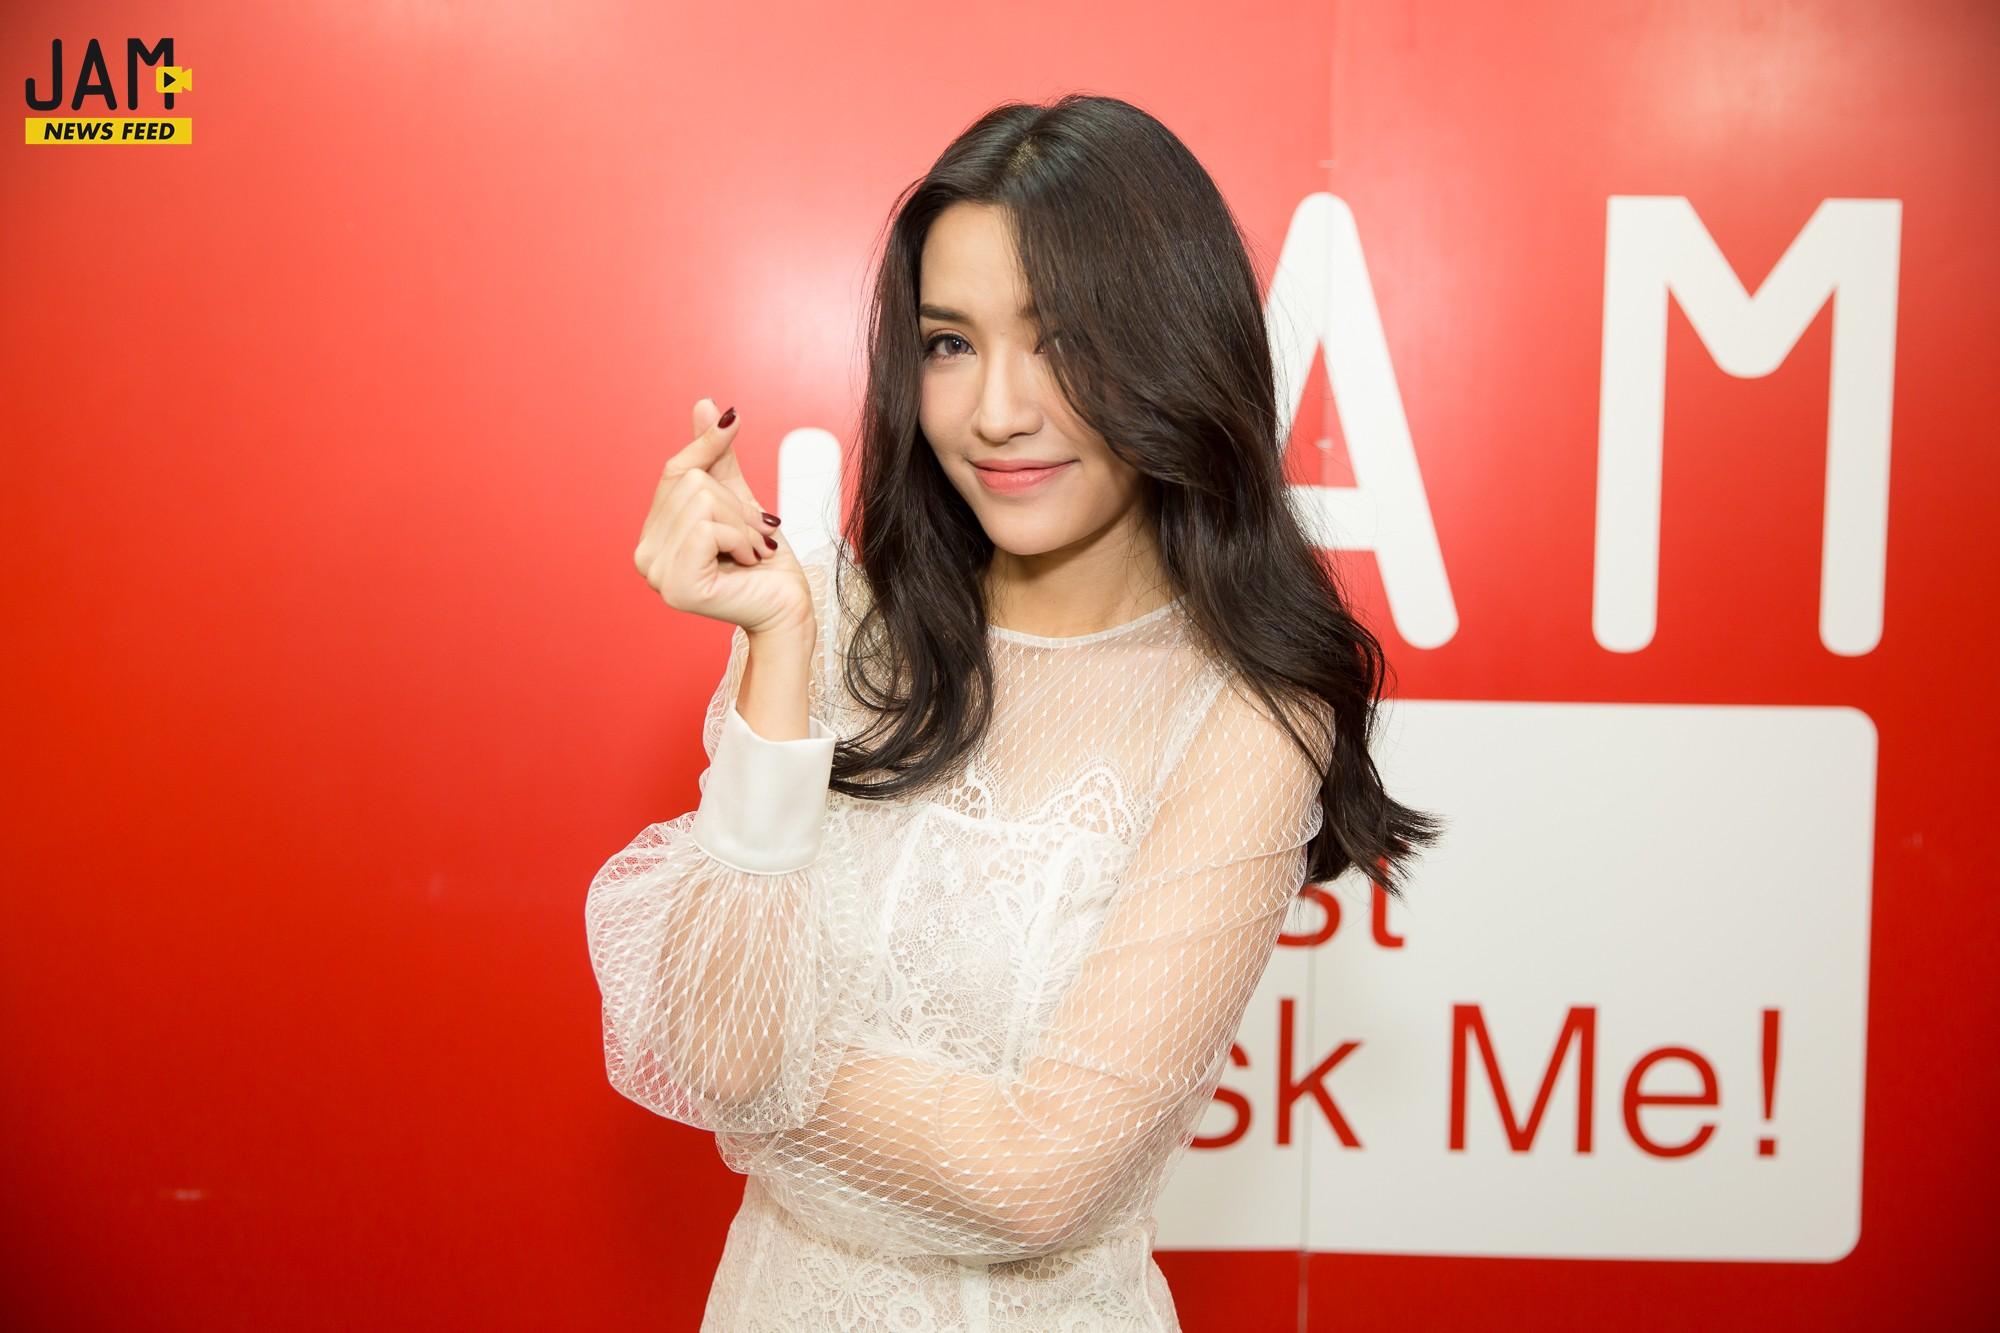 Bích Phương lần đầu lên tiếng về việc ra mắt sản phẩm cùng thời điểm với Sơn Tùng M-TP - Ảnh 1.